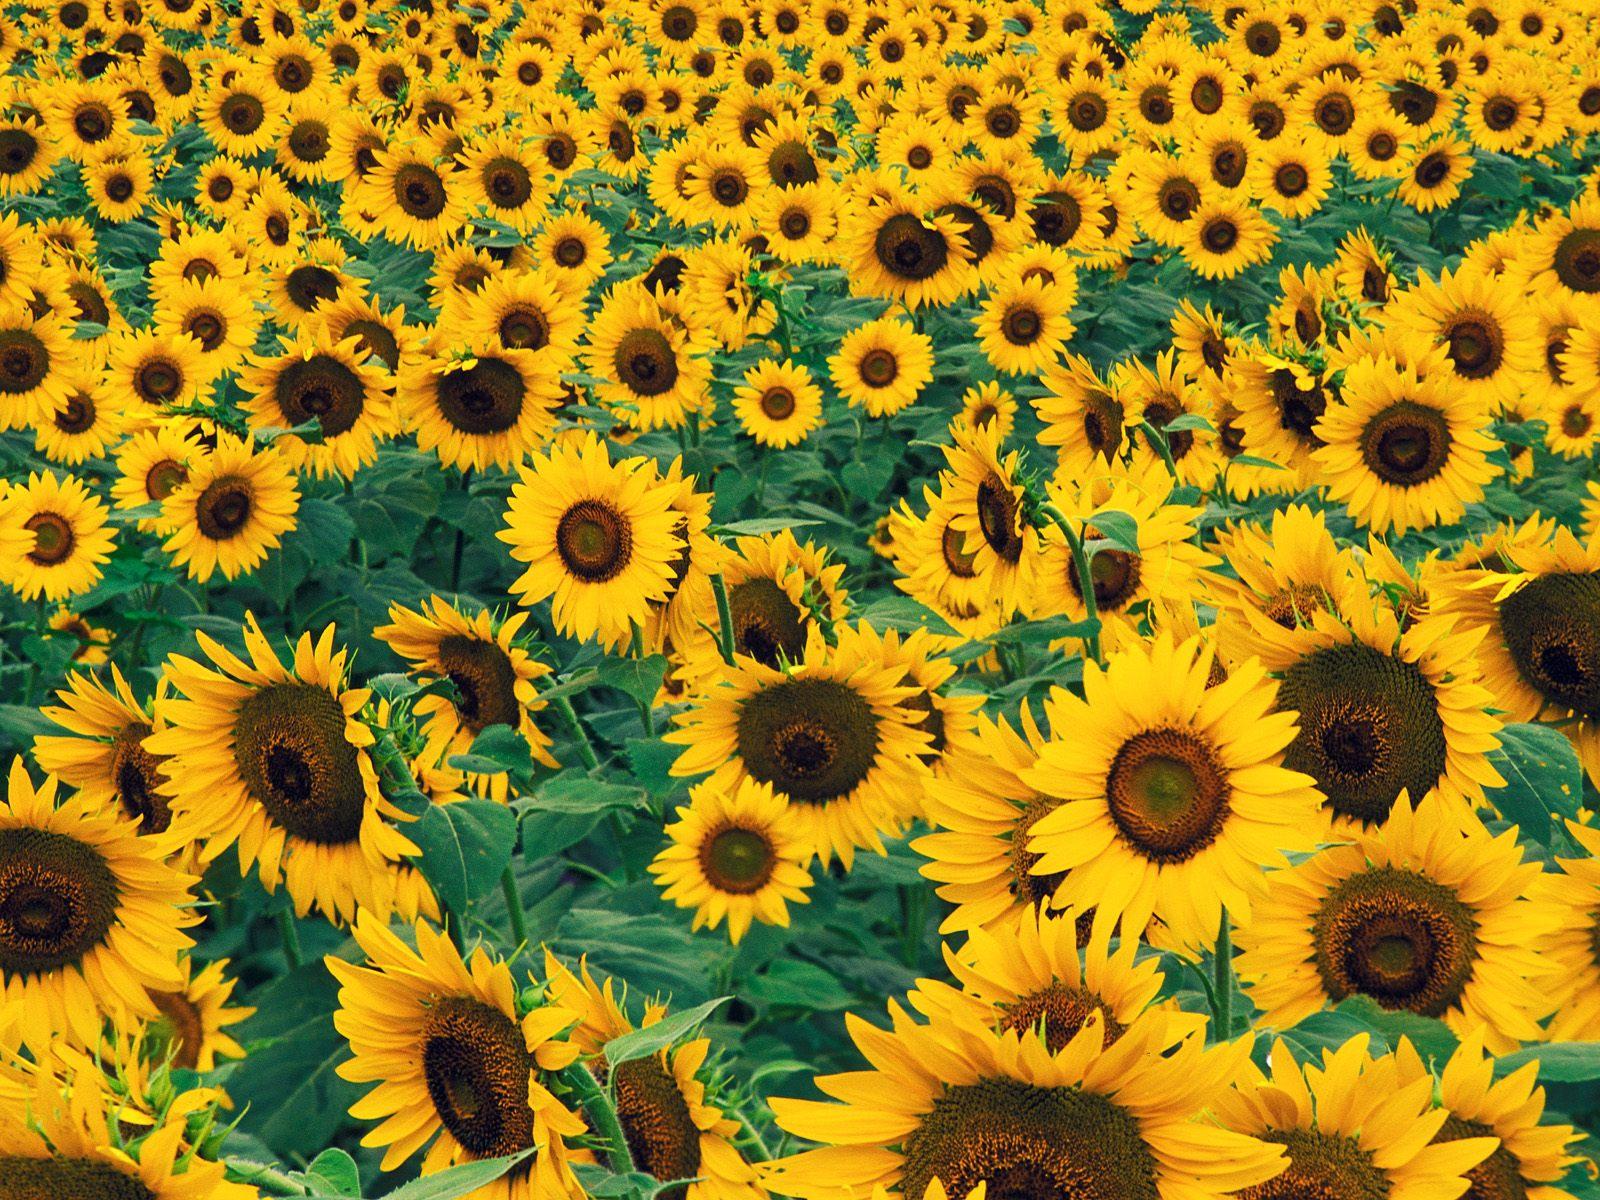 Sfondi con fiori sfondissimo sfondi screensaver gratis for Girasoli tumblr